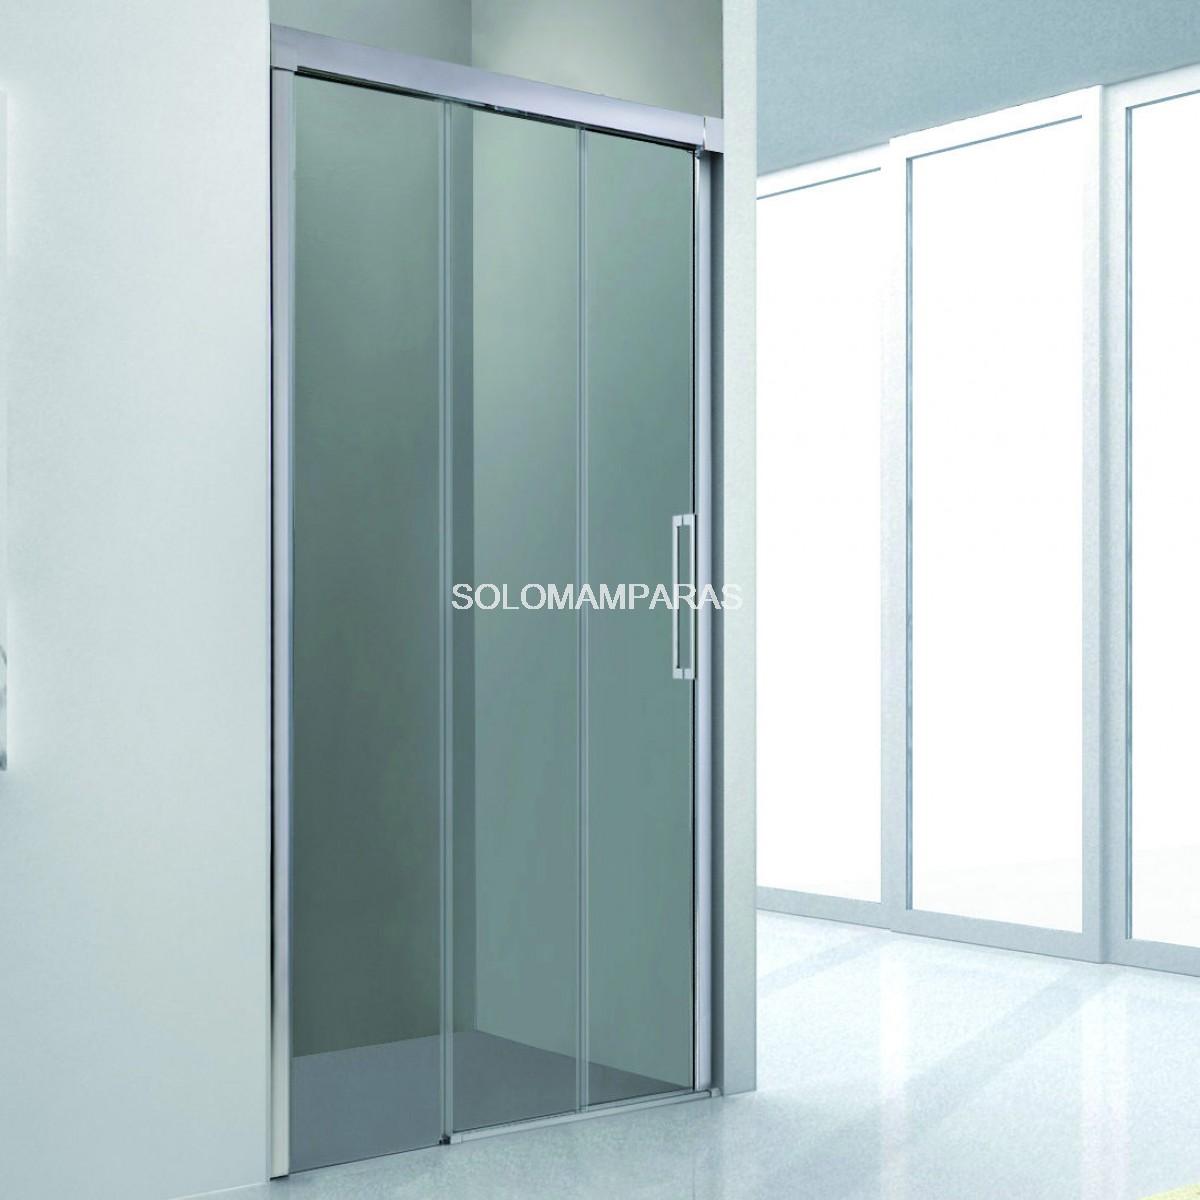 Mampara de ducha gme mampara trio 1 fija 2 correderas - Mamparas correderas de ducha ...